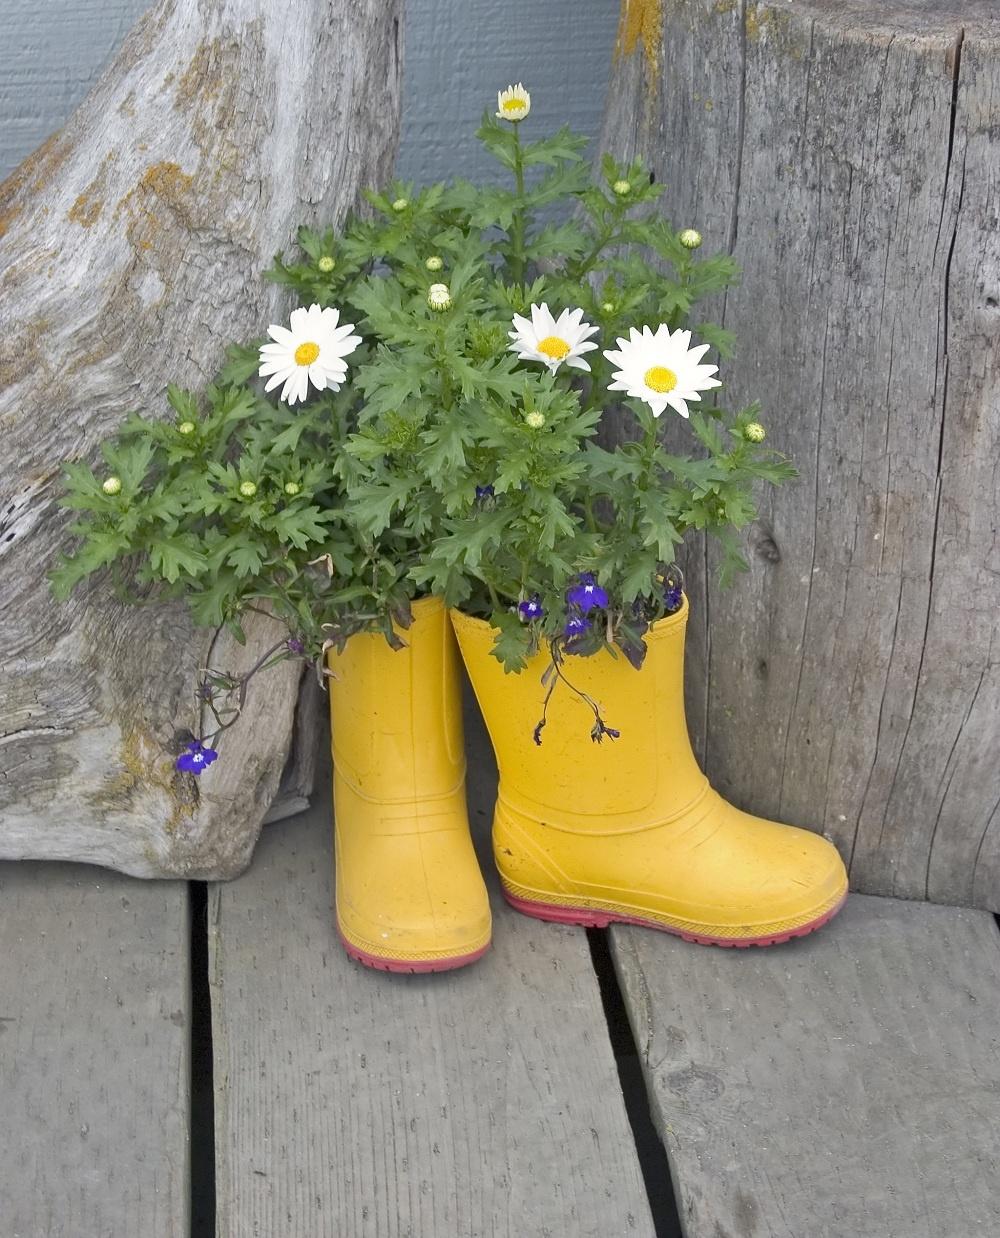 Kvitnúce gumáky. Ak sa chystáte vymeniť ich za nové, do koša ich nehádžte. Vyzdobte ich akrylátovými farbami, naplňte hlinou a kvety do nich jednoducho zasaďte. Gumákový črepník rozveselí každú šeď či tmavý kút.